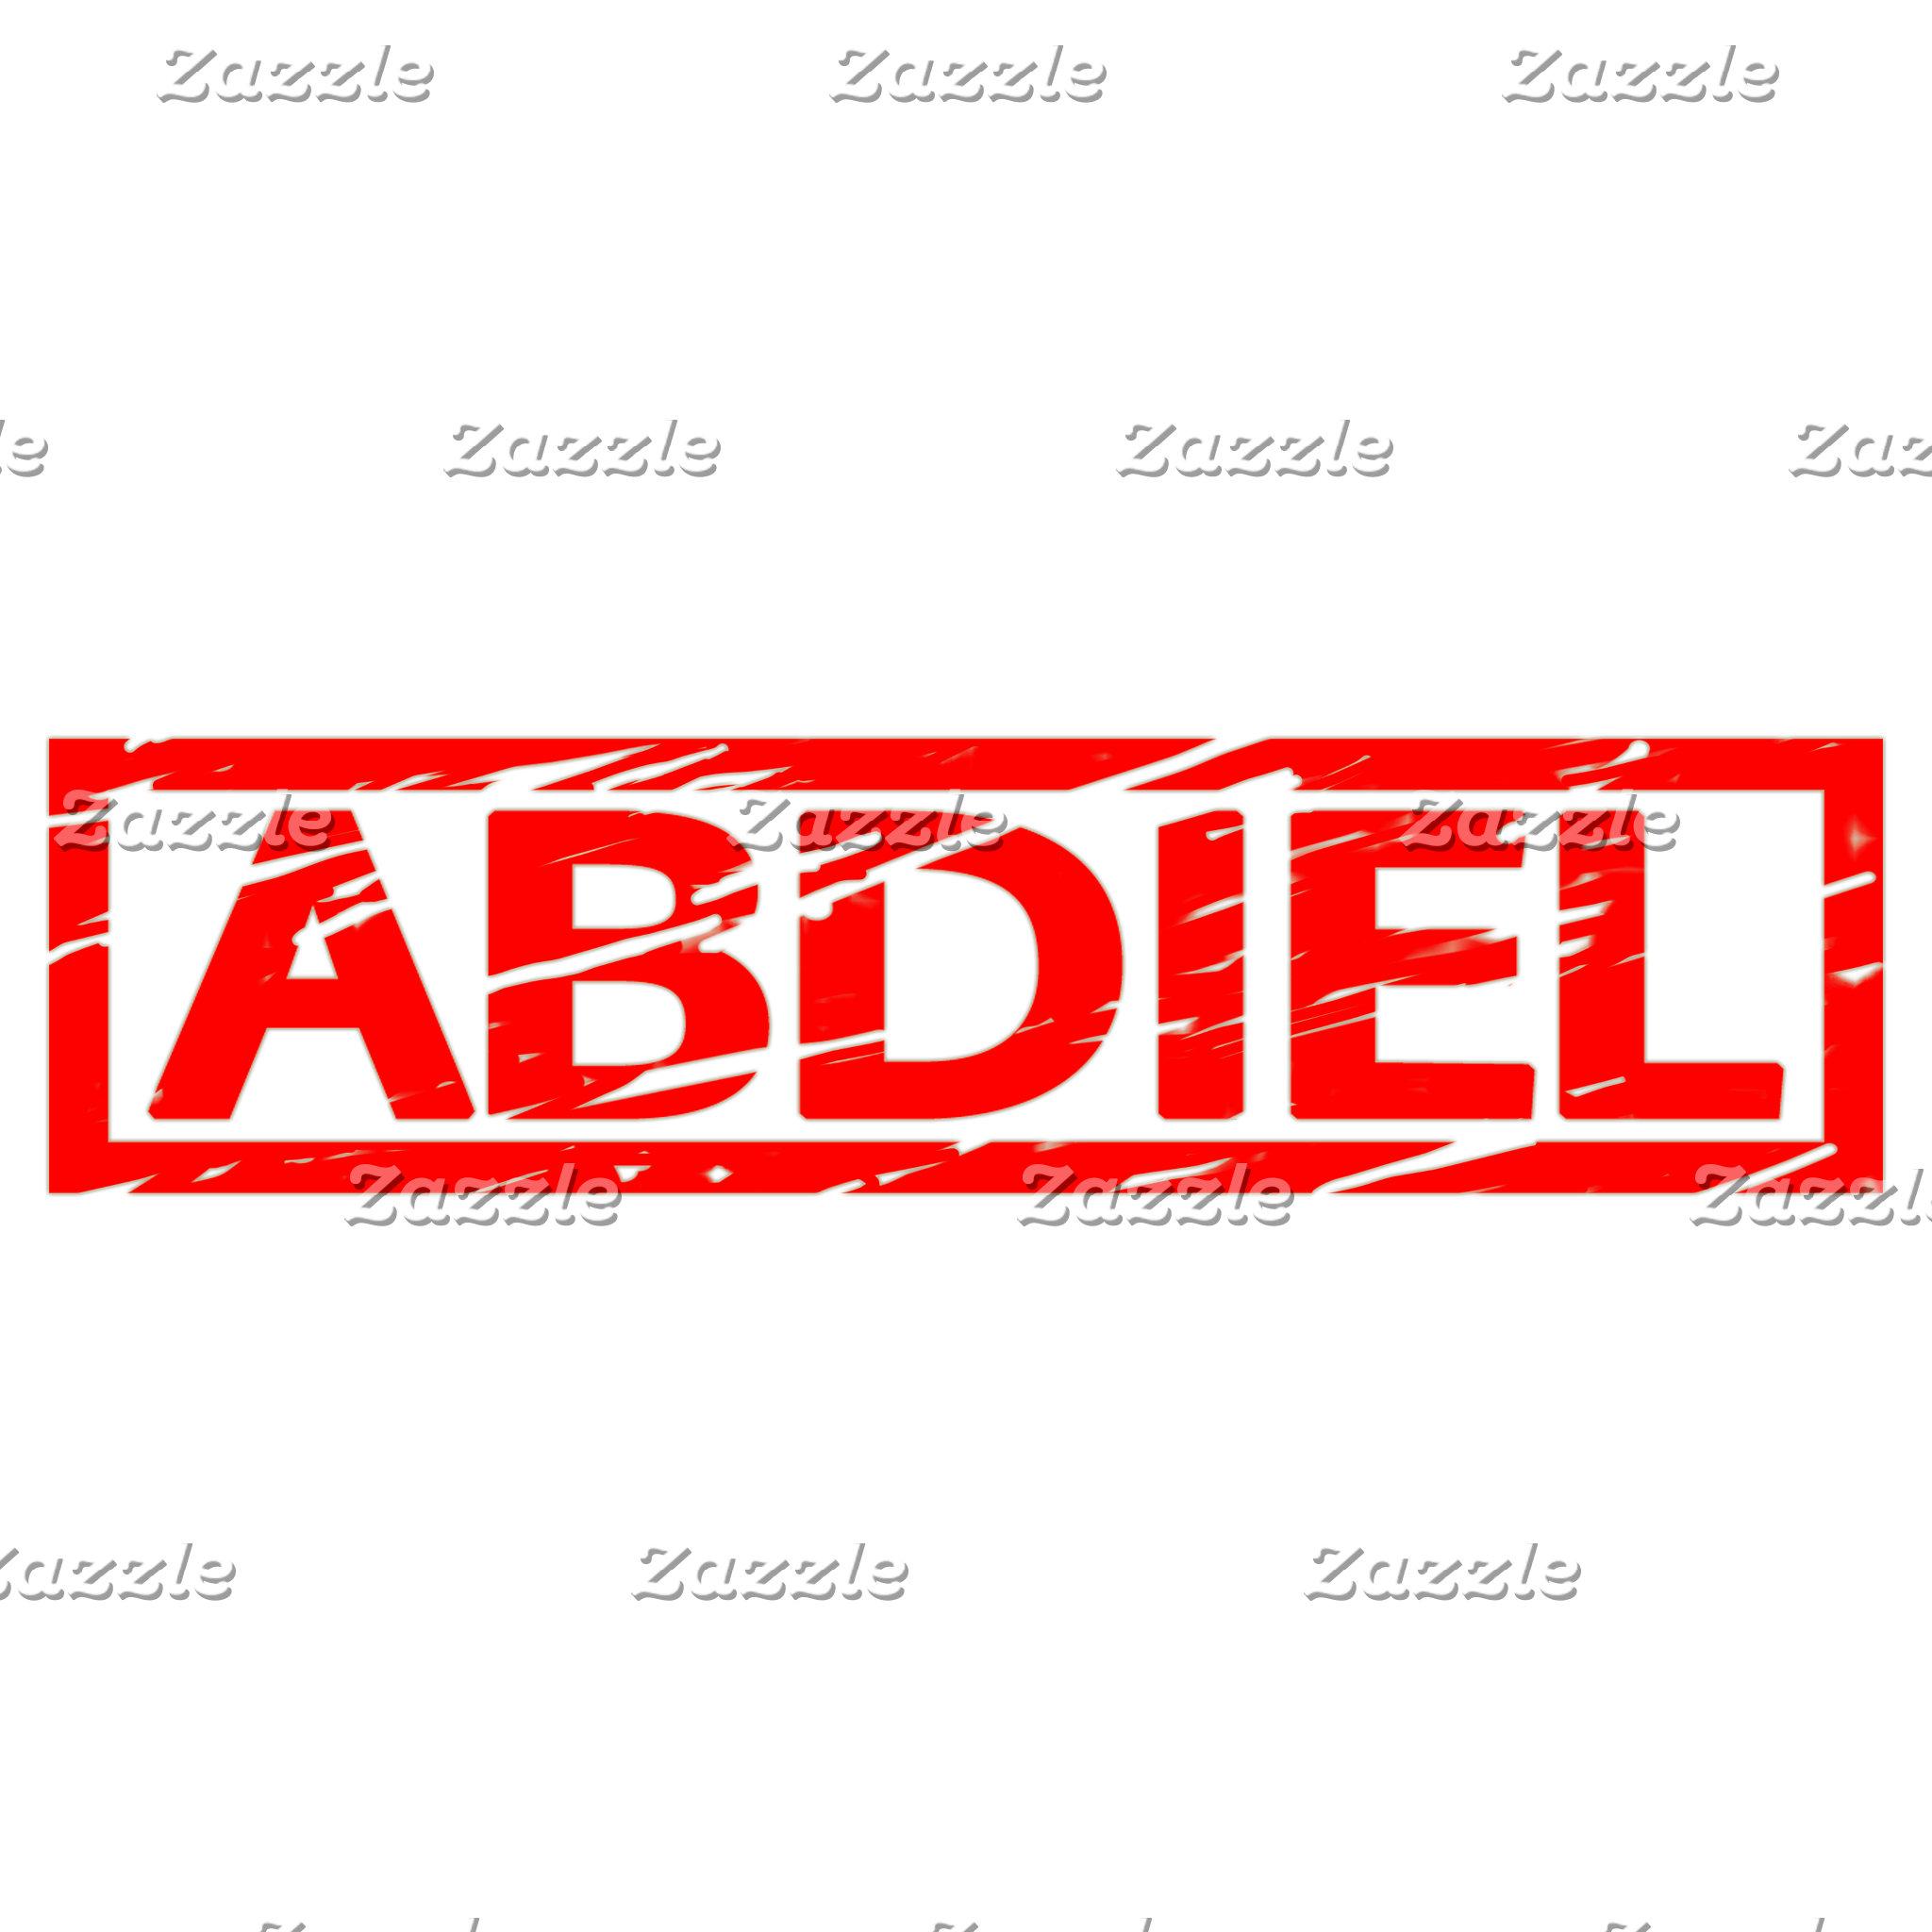 Abdiel